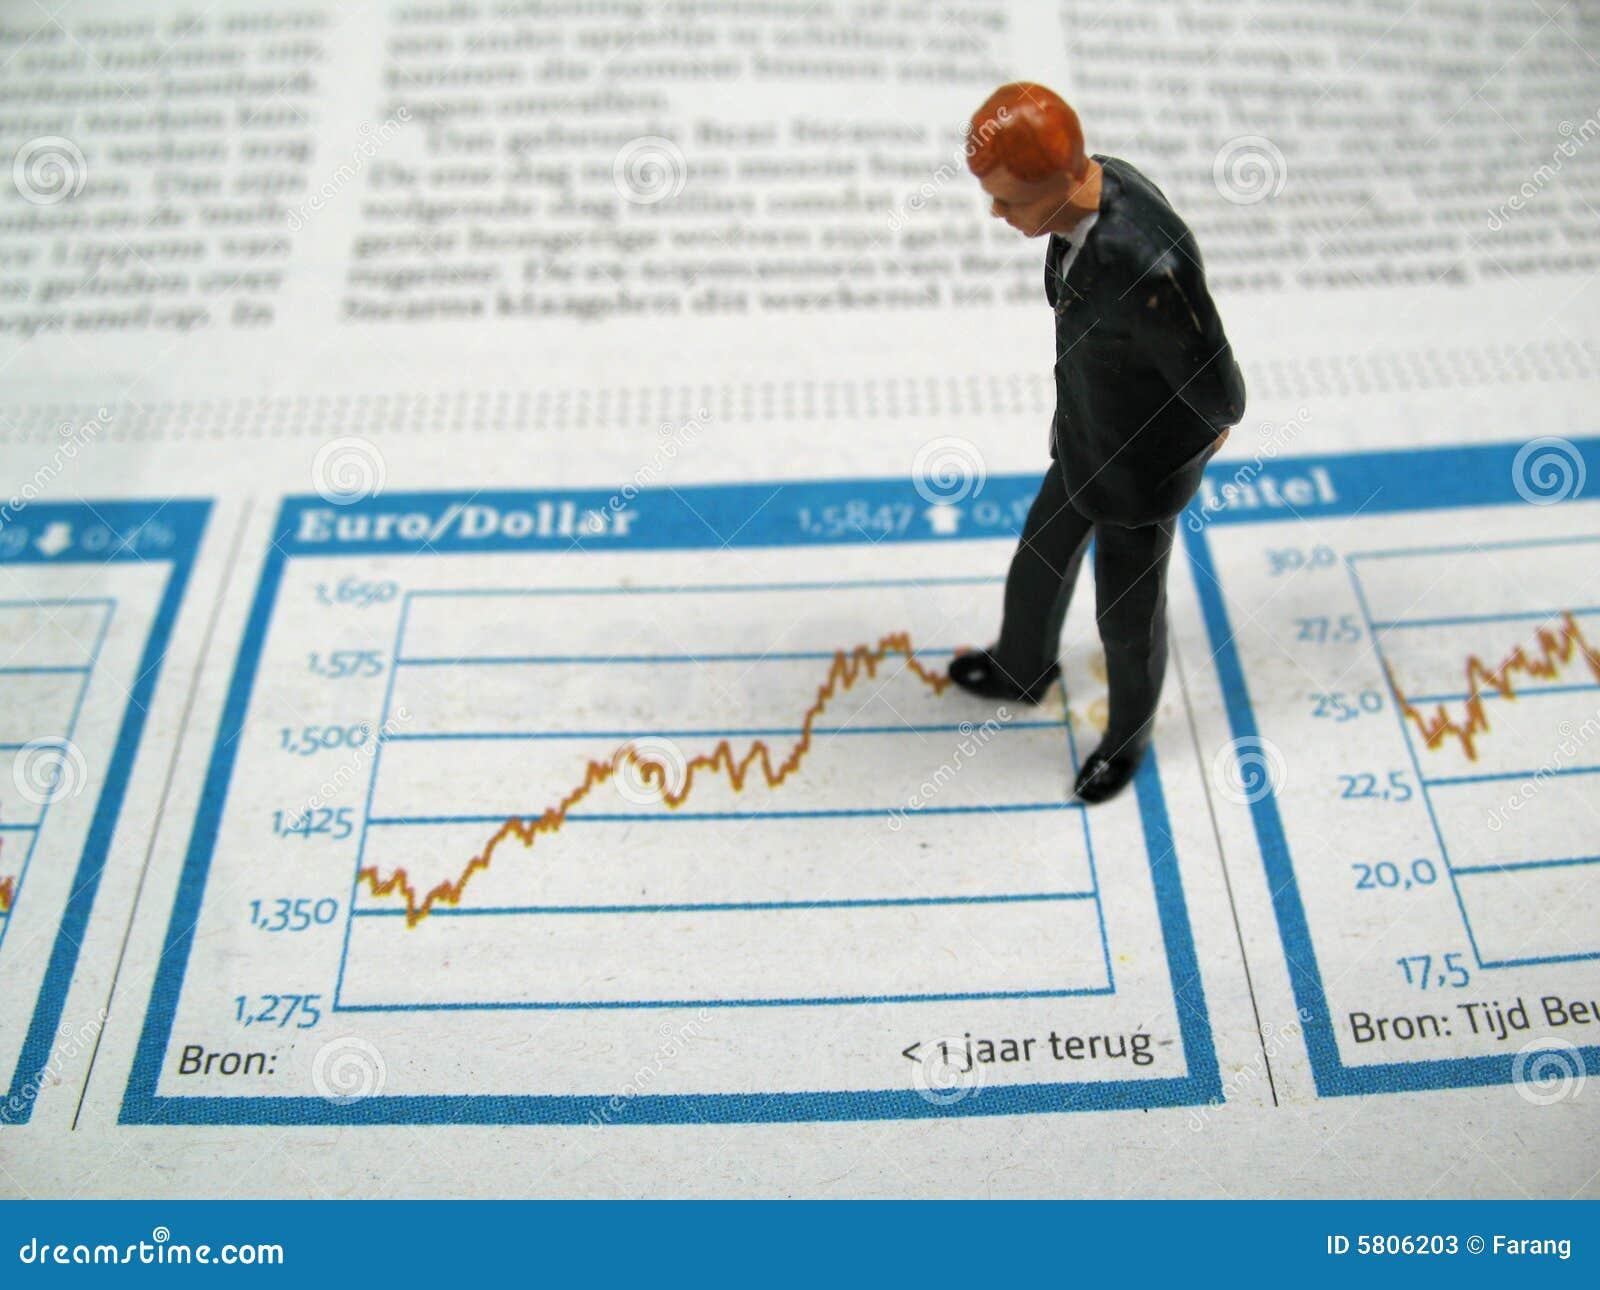 Framtida valutor